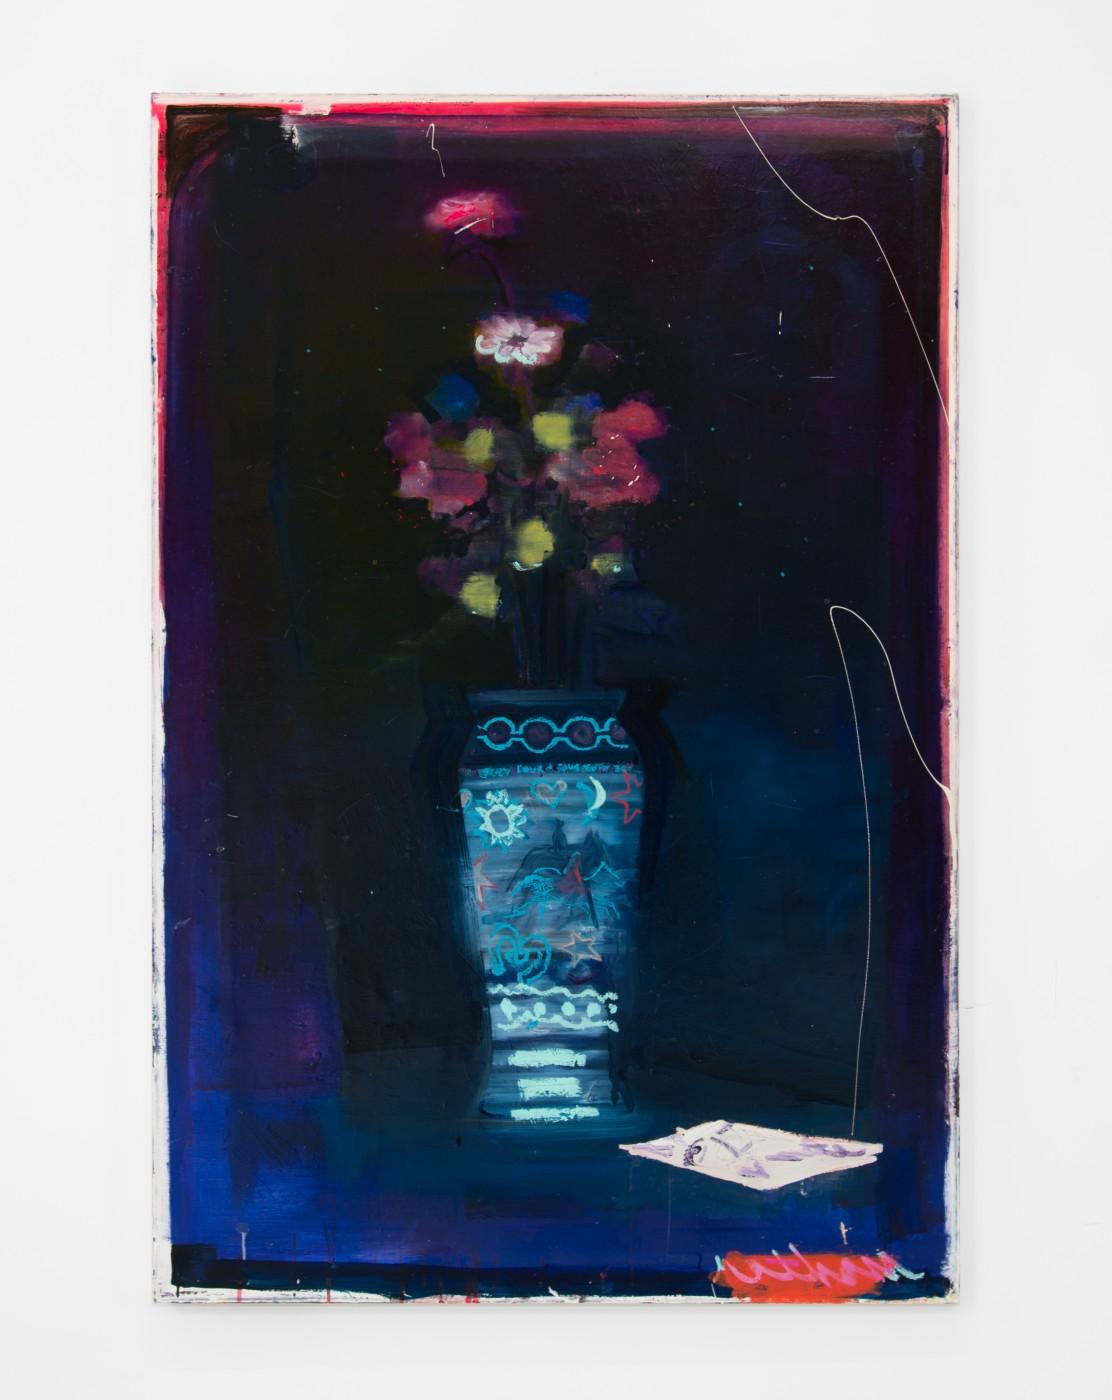 WALLFLOWERS, MALFLOWERS  July 4+4 , 2018  Oil on canvas  152,4 × 101,6 cm / 60 × 40 in  Nathan Zeidman